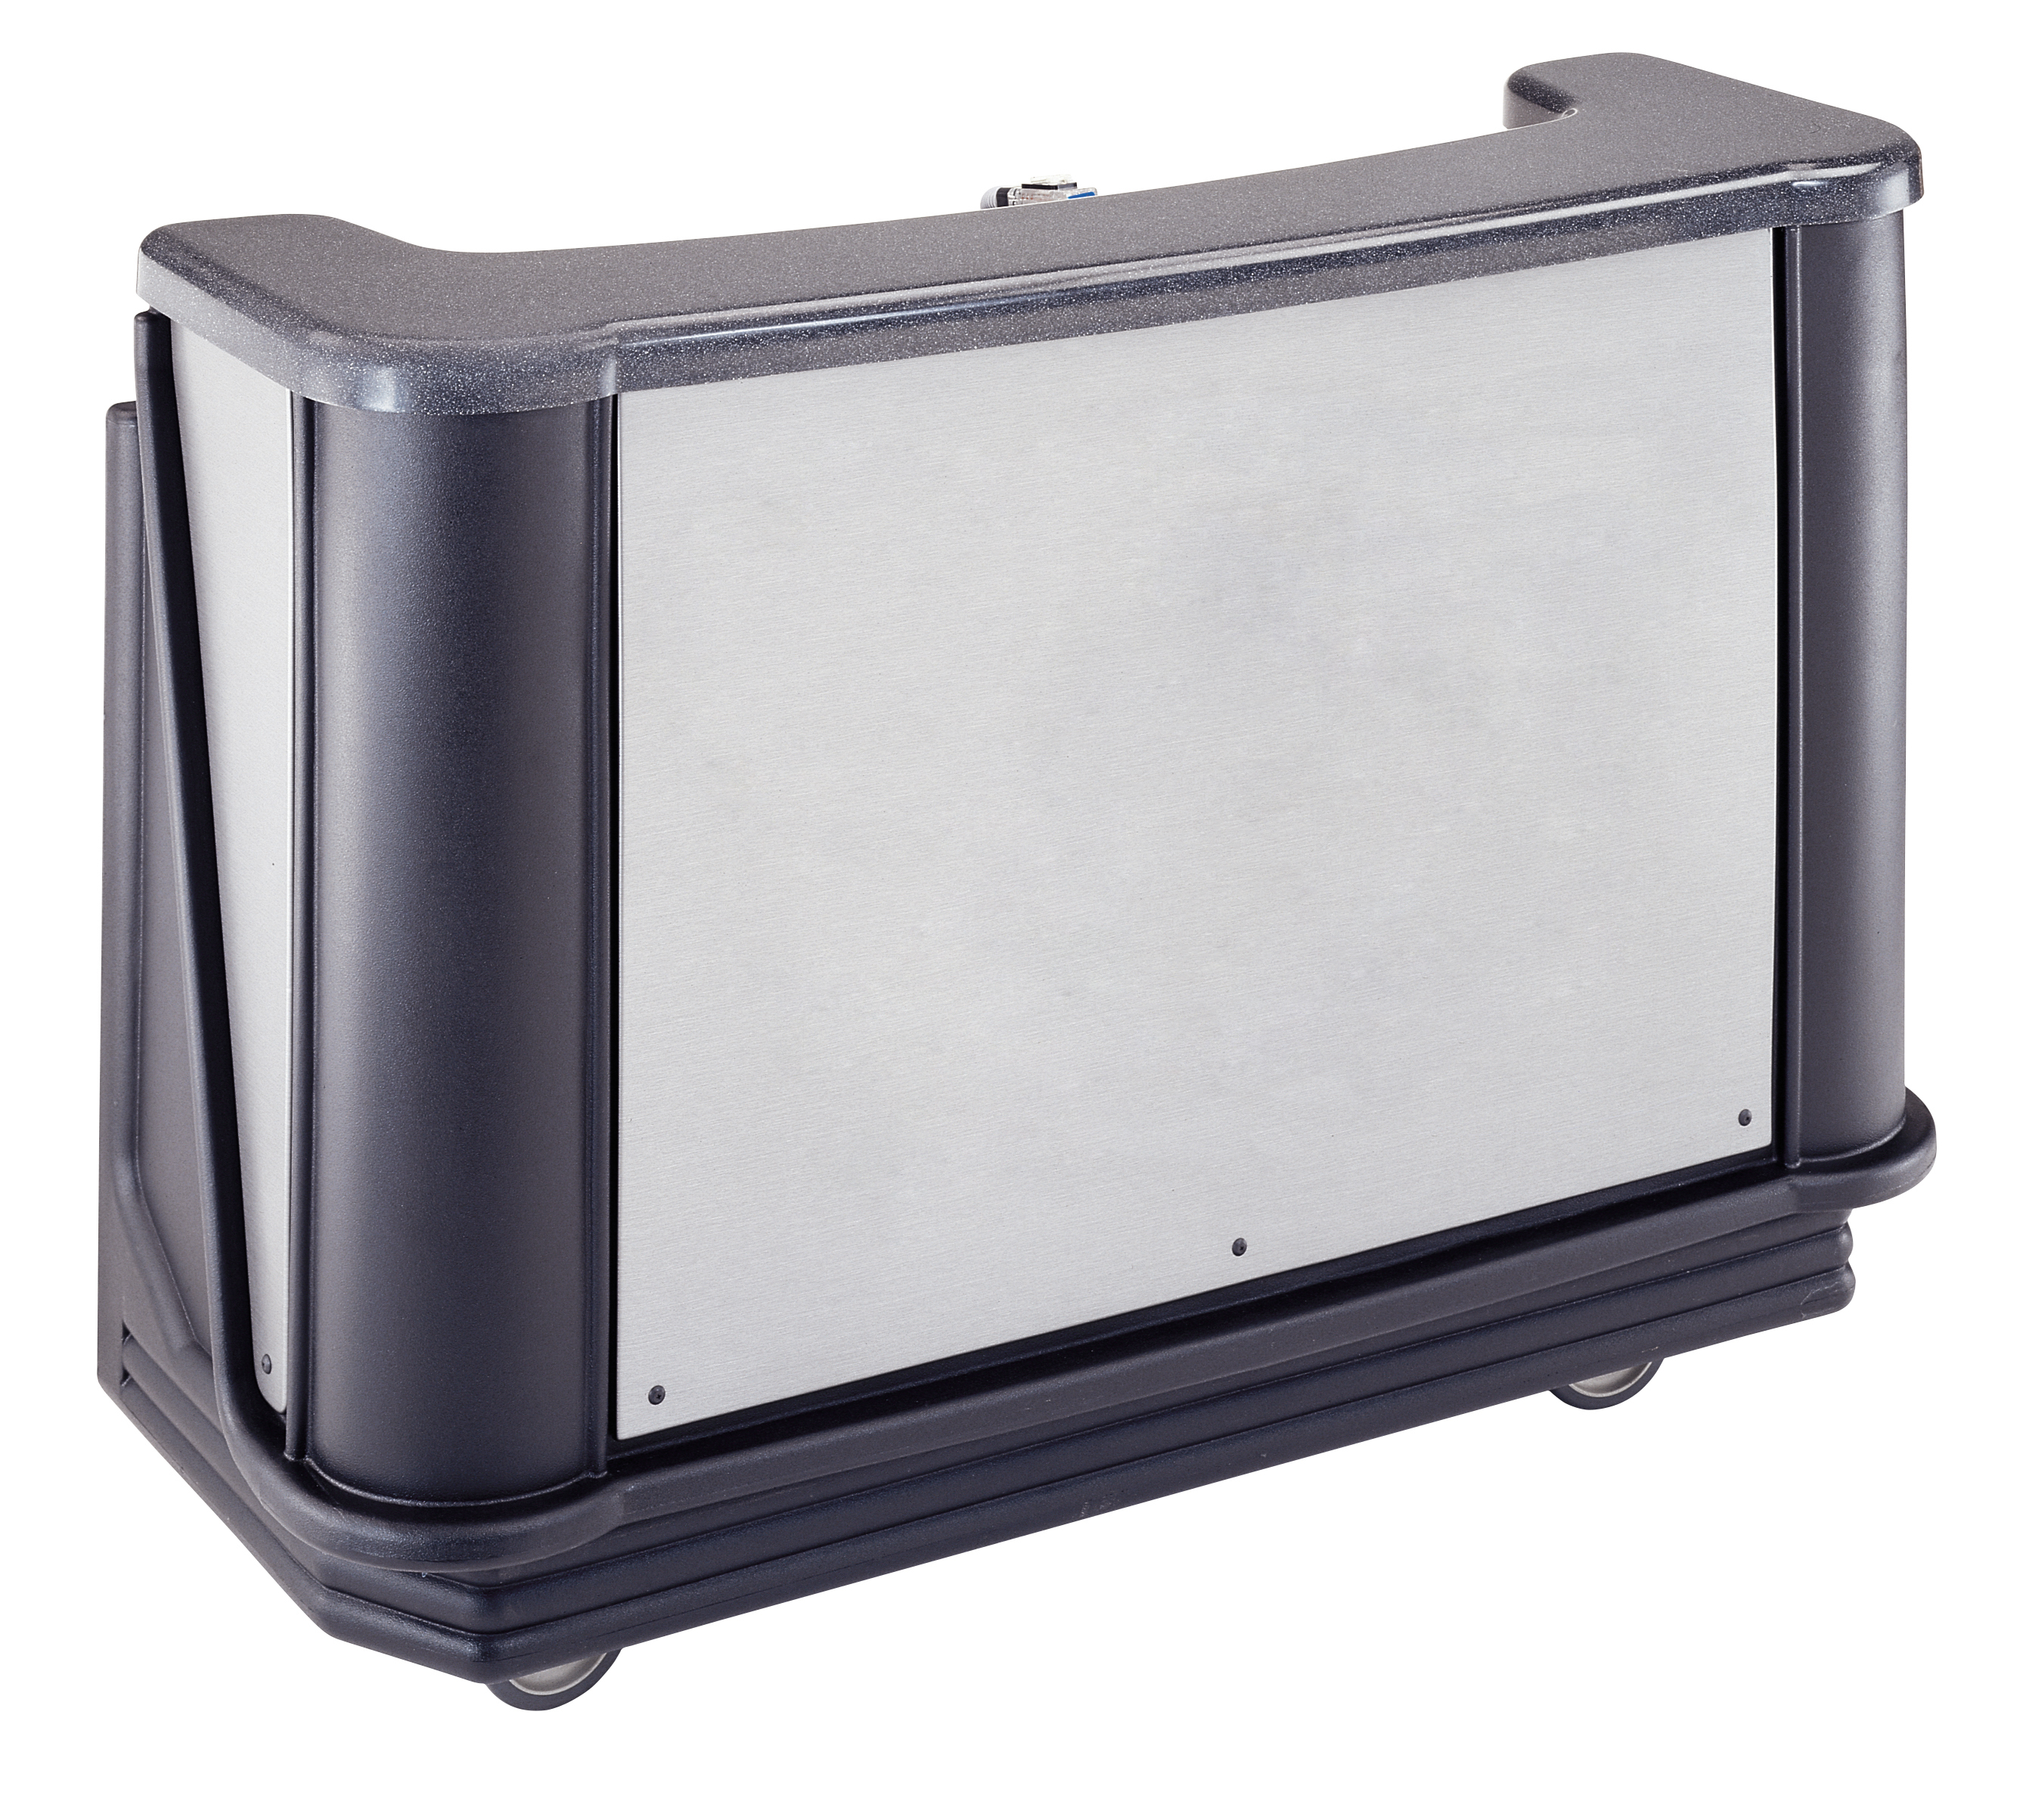 Cambro BAR650DSPMT2770 portable bar